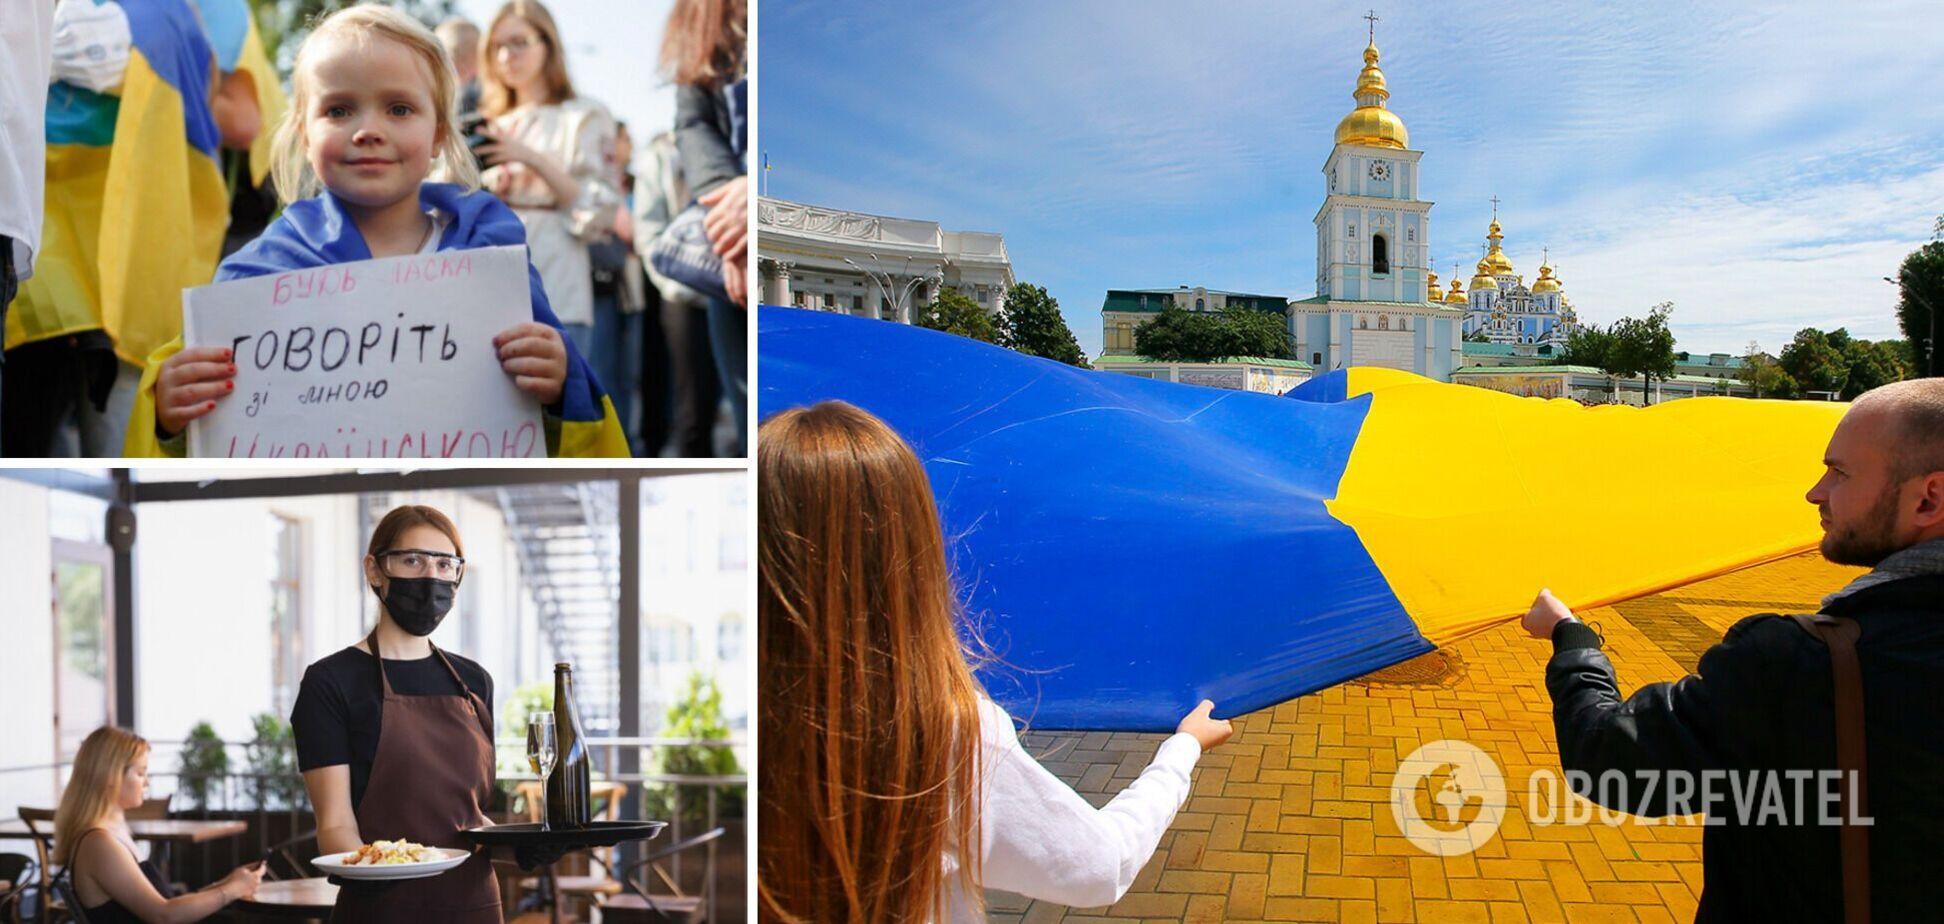 Скандалы из-за украинского языка продолжаются по всей стране